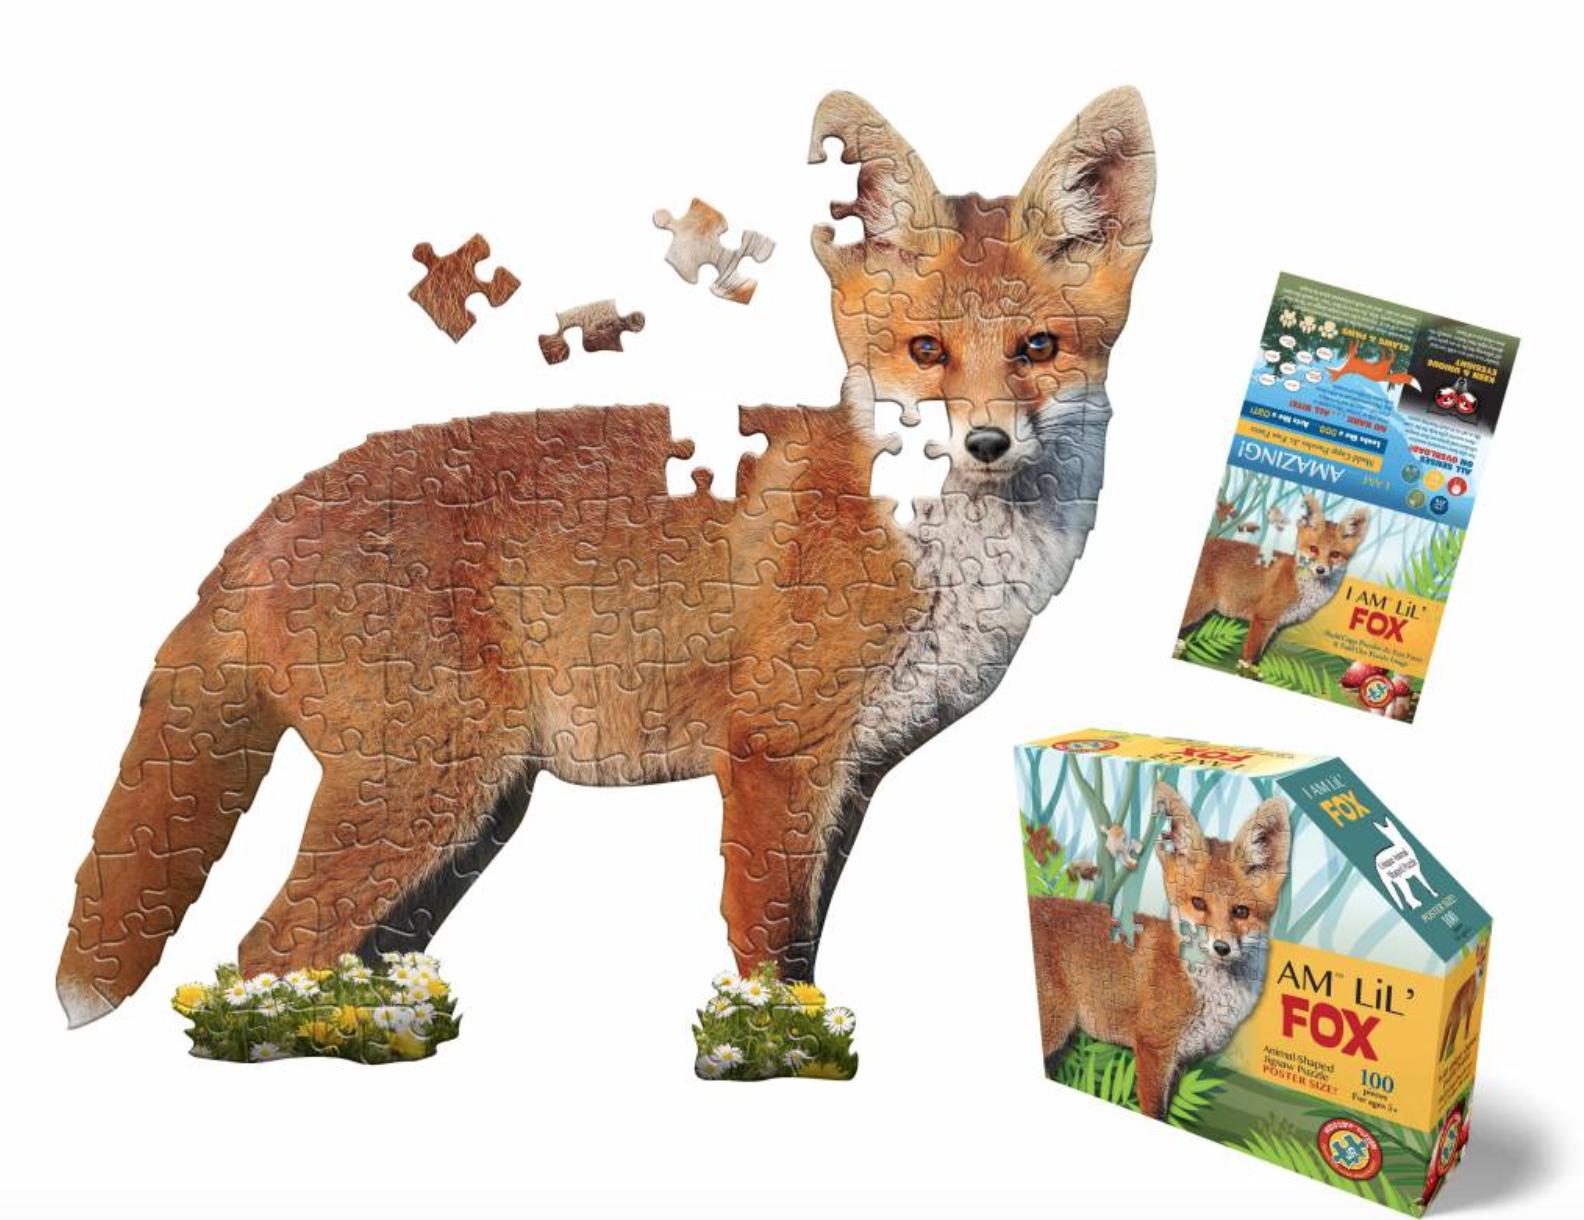 E11even I AM Lil Fox